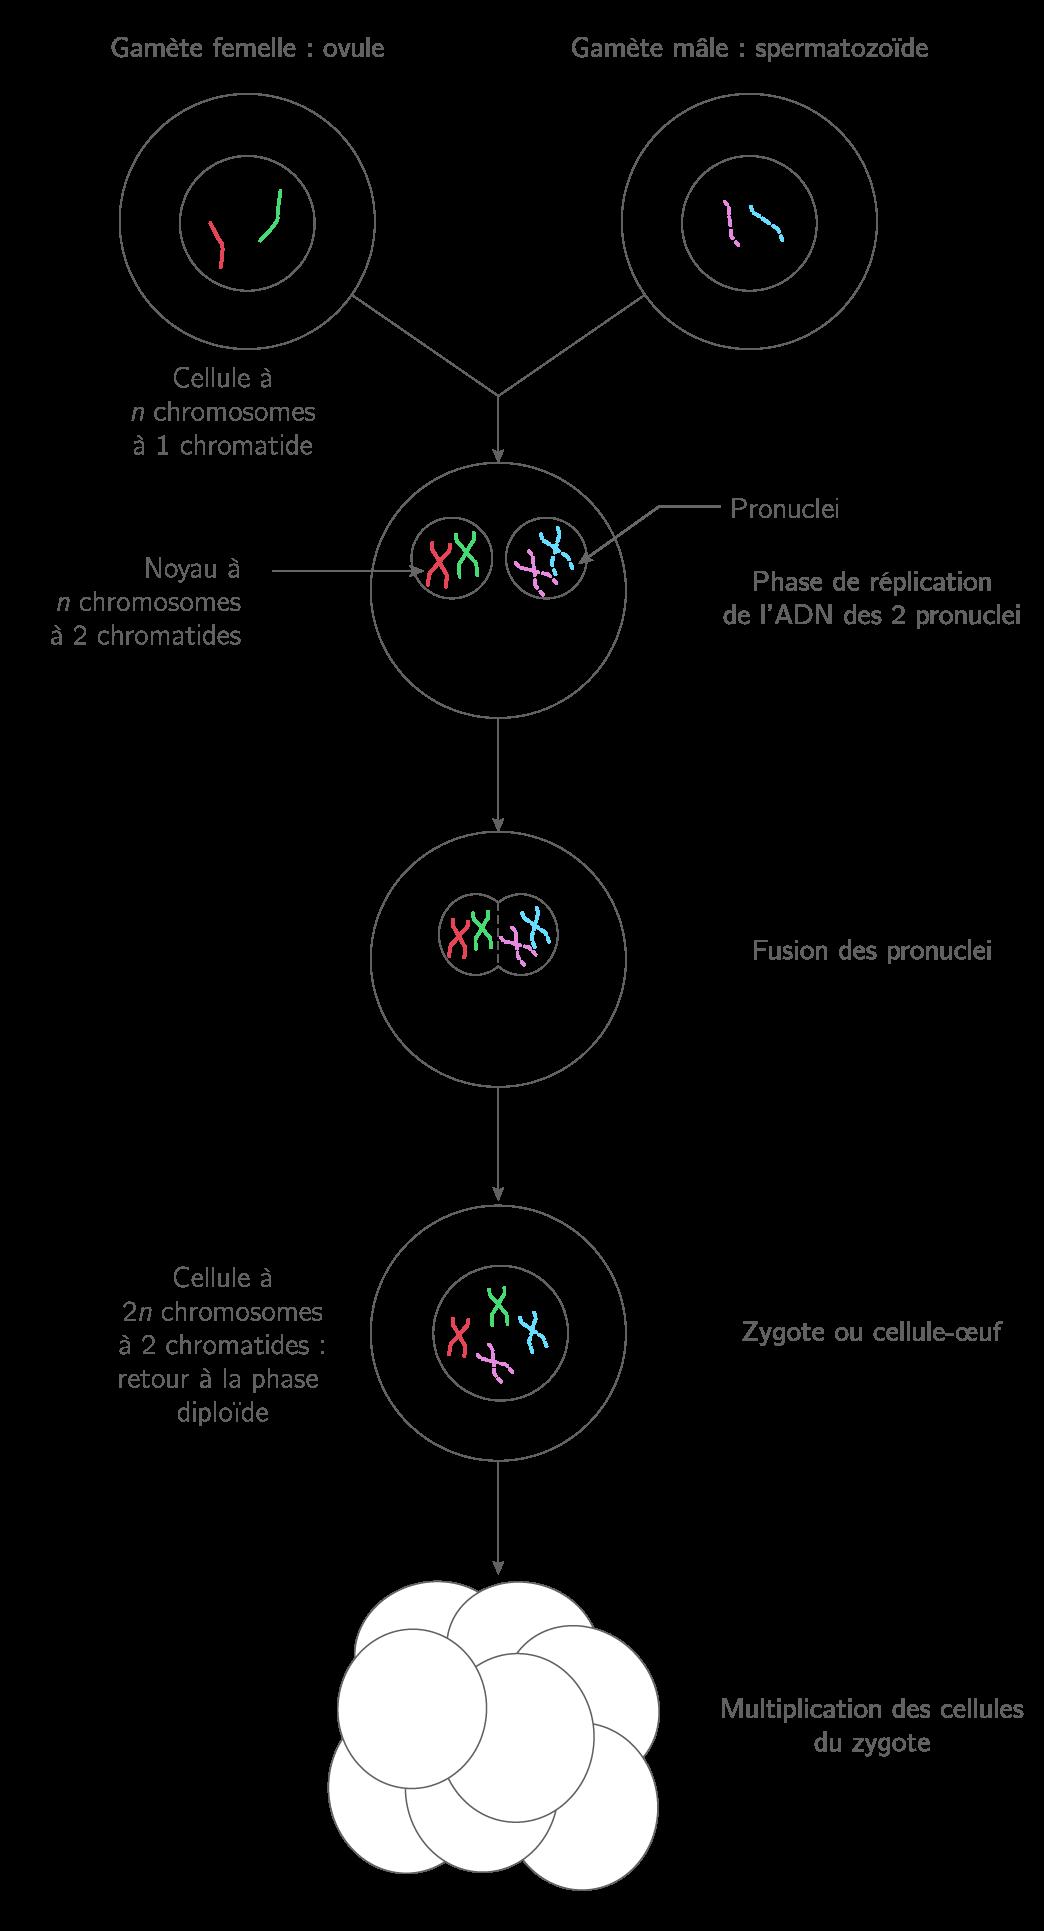 Fécondation pour une espèce à 2n = 4 chromosomes